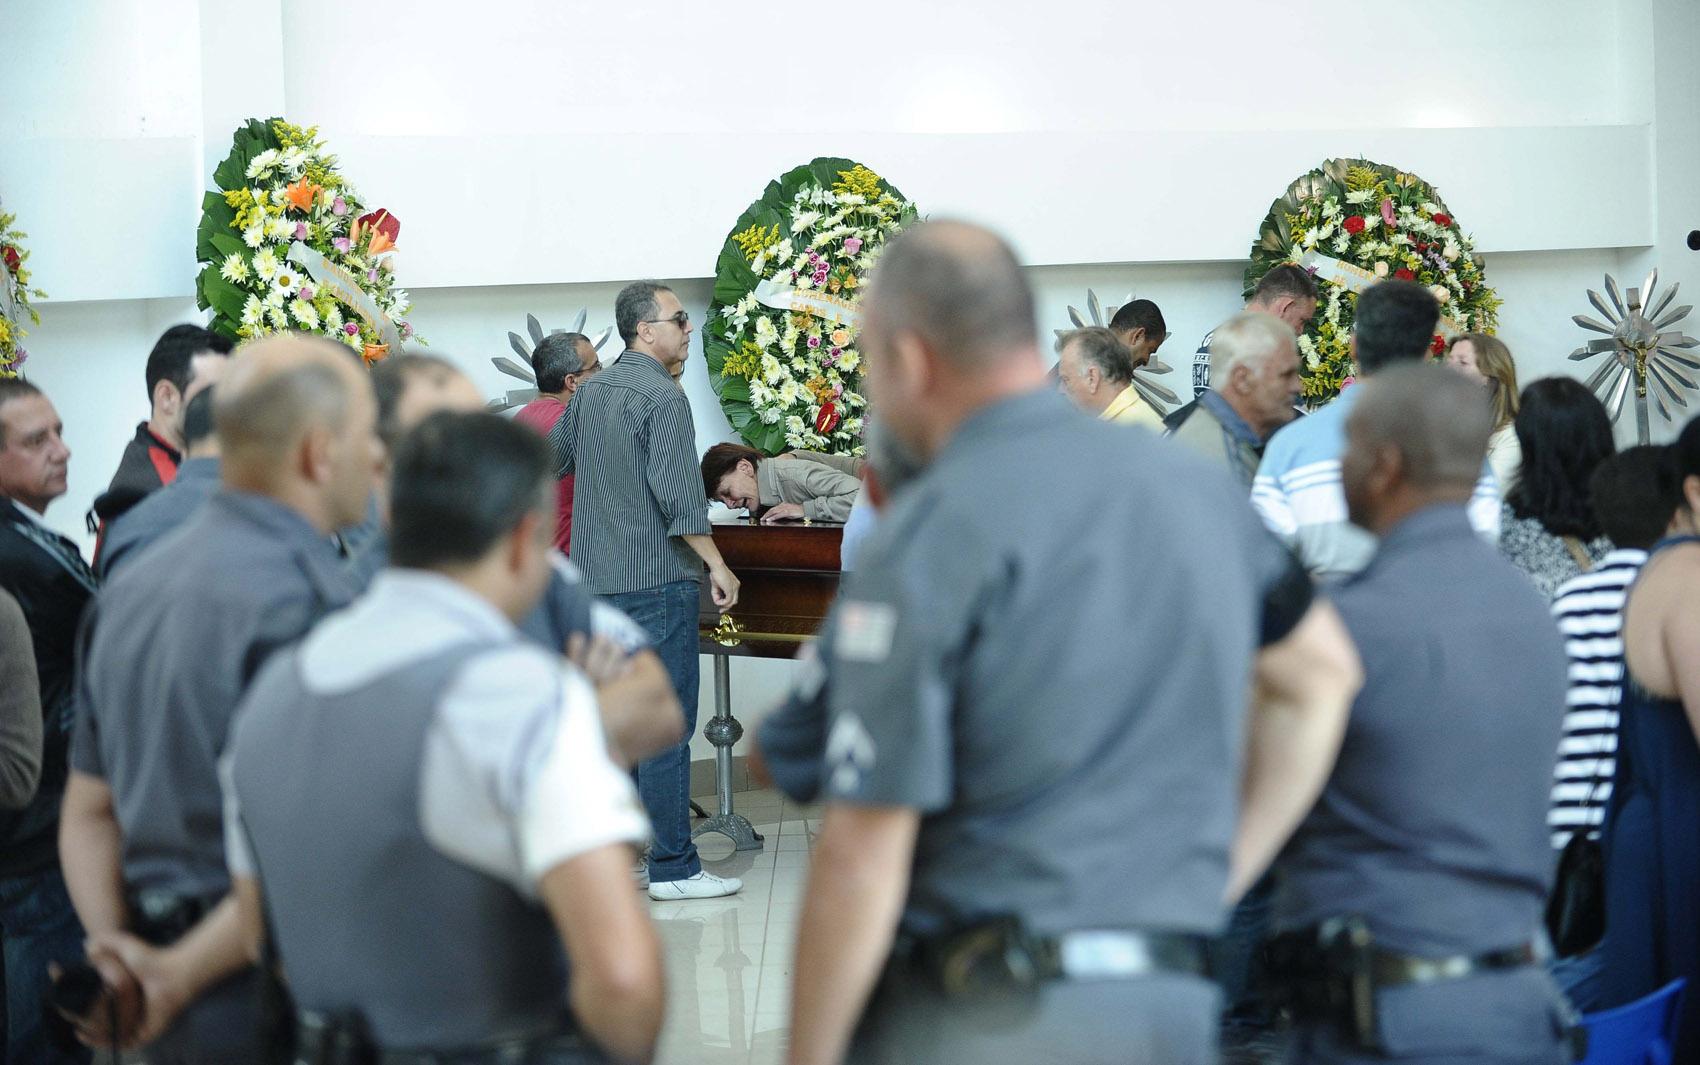 Movimentação no velório do casal de policiais militares e de seus familiares no Cemitério Gethsemani, em São Paulo, na tarde desta terça-feira (06)